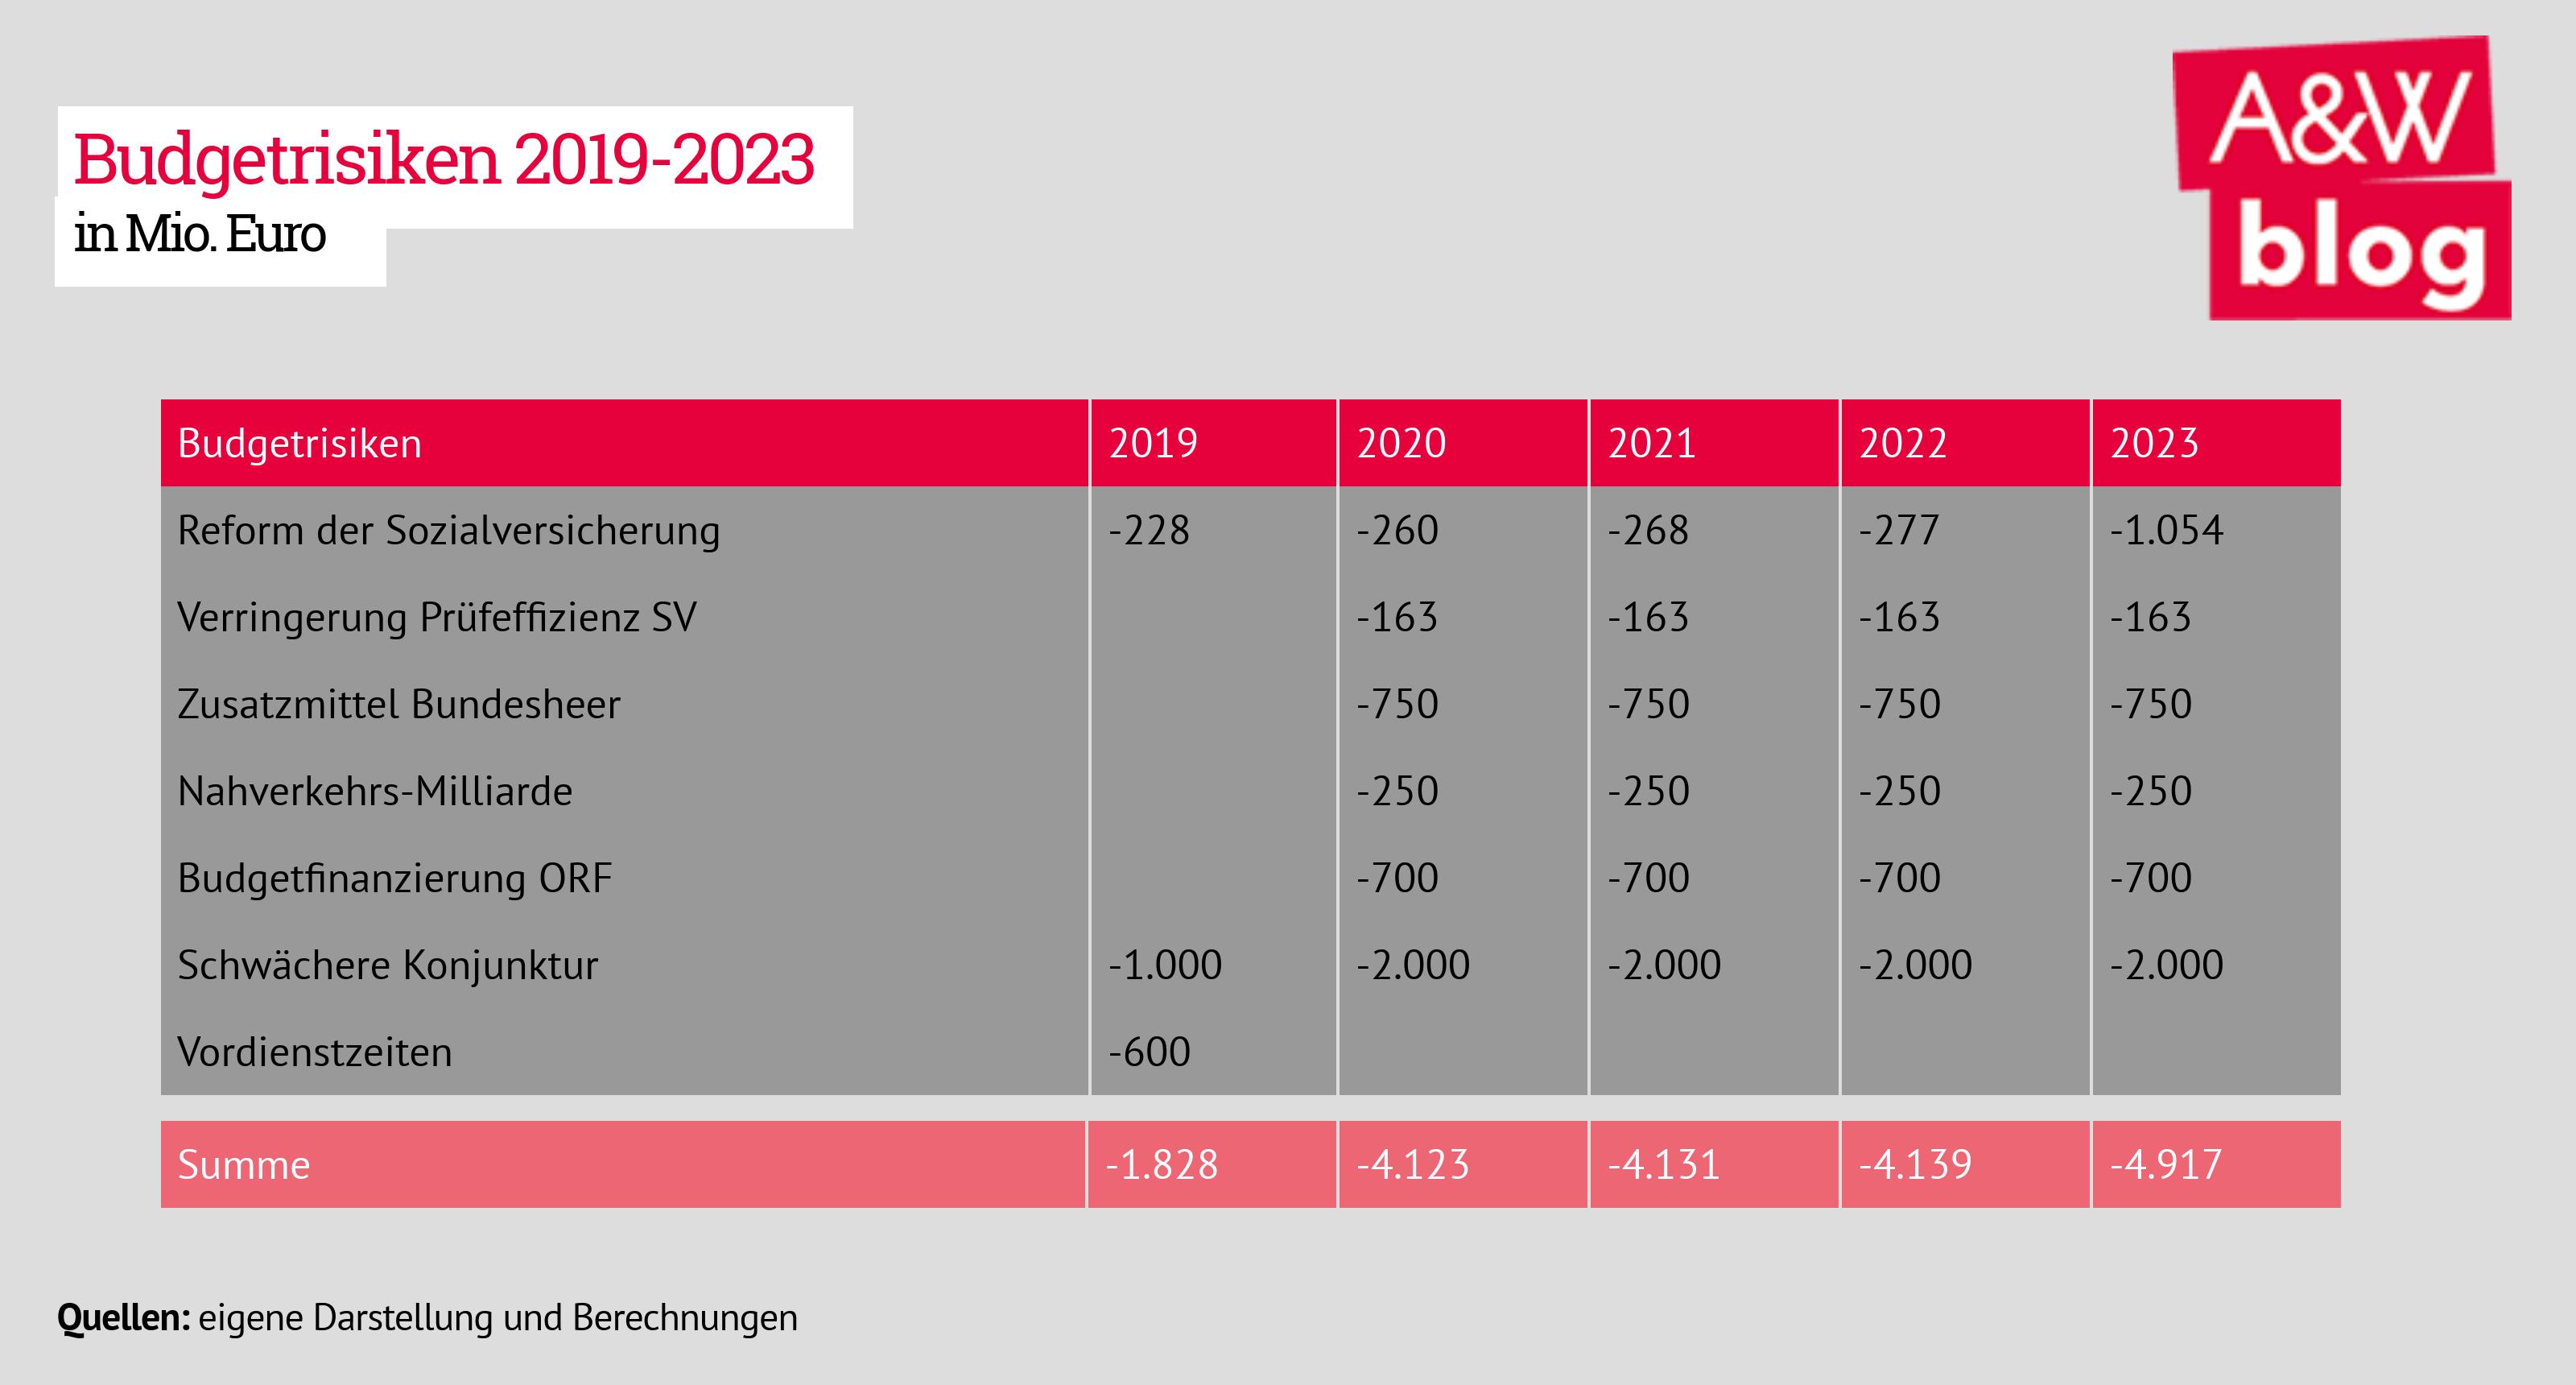 Budgetrisiken 2019-2023